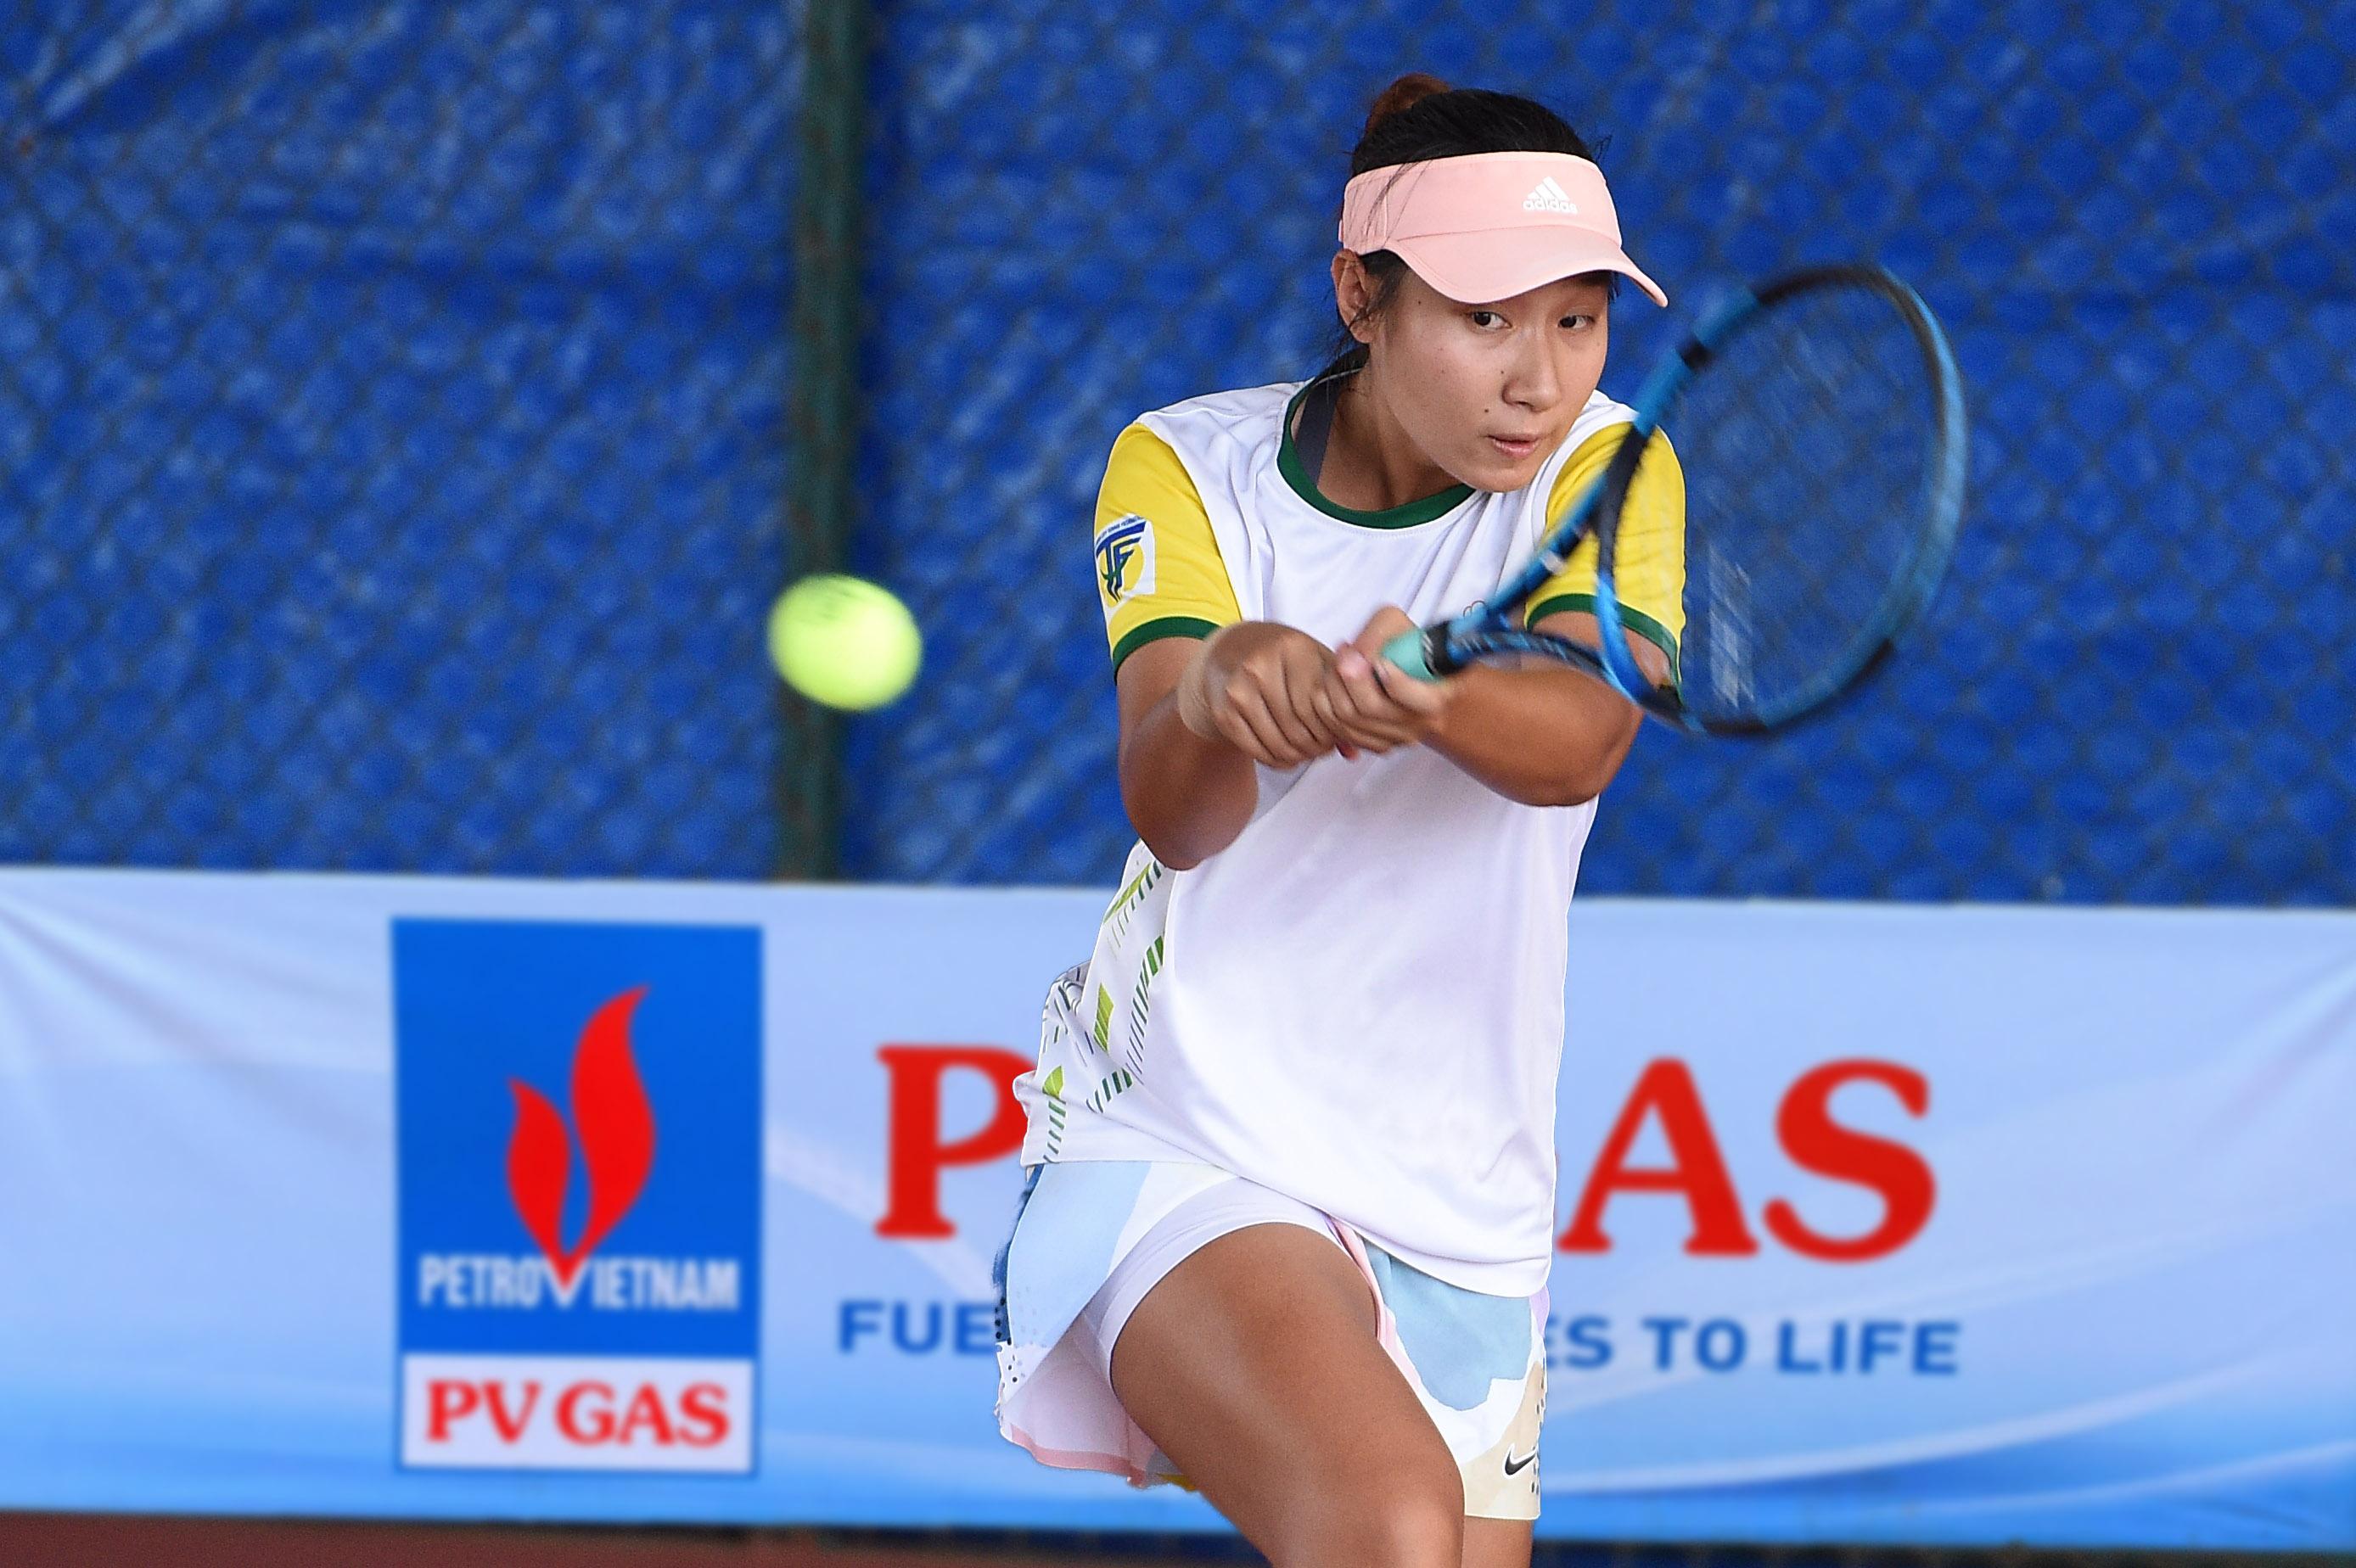 Hình ảnh: Giải quần vợt vô địch đồng đội Quốc gia 2021: Cuộc chiến đầy duyên nợ ở chung kết đồng đội nữ số 1